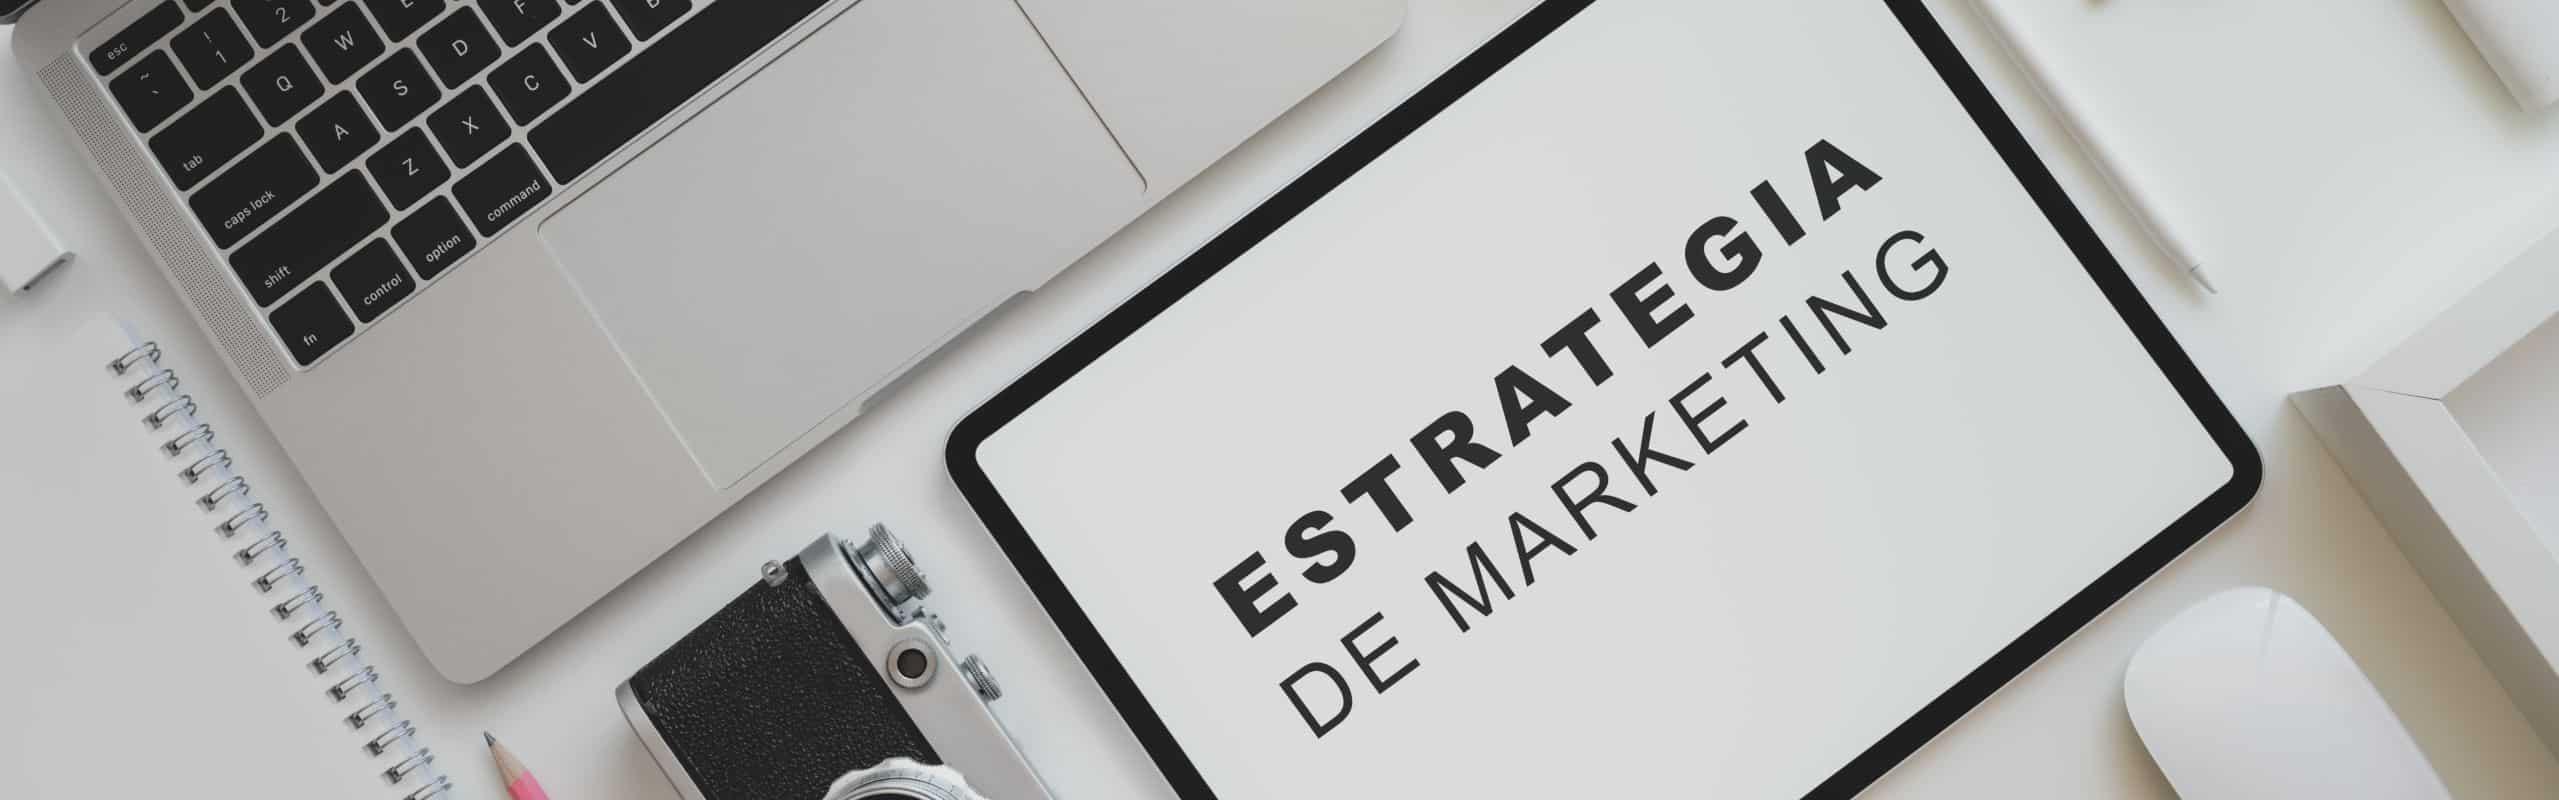 Una buena estrategia de marketing garantizará el éxito y el crecimiento de una empresa